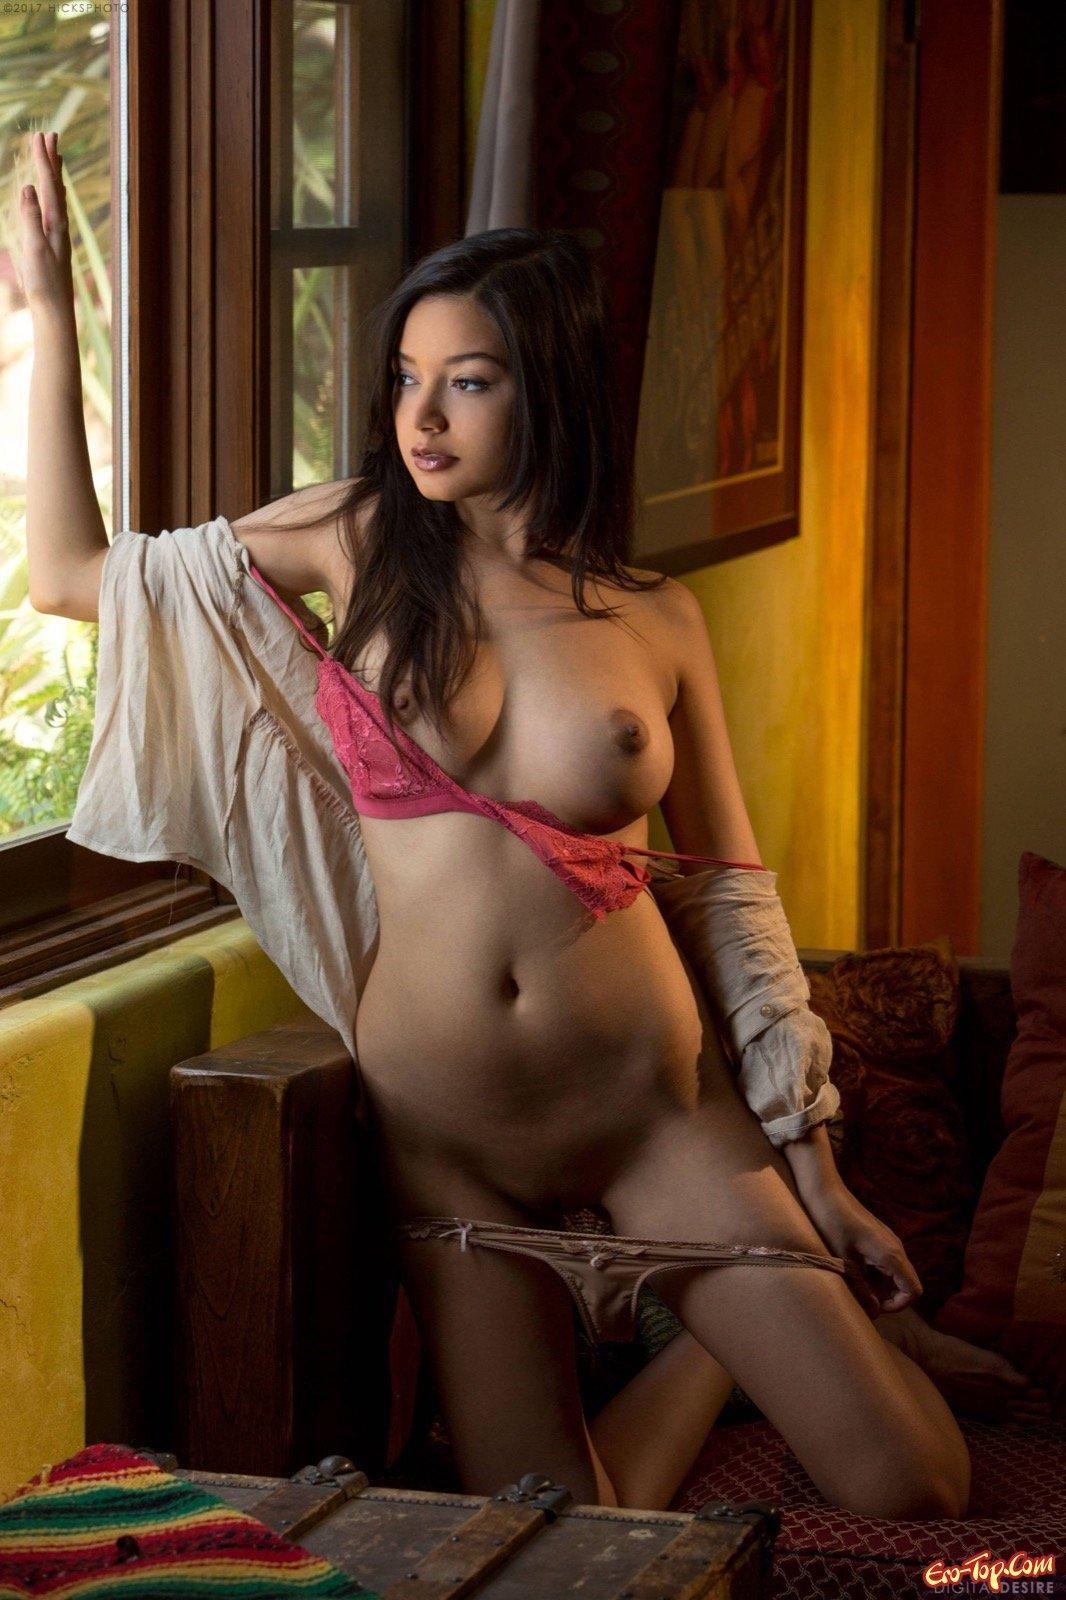 Кореянка с сексапильным торсом показала буфера и письку